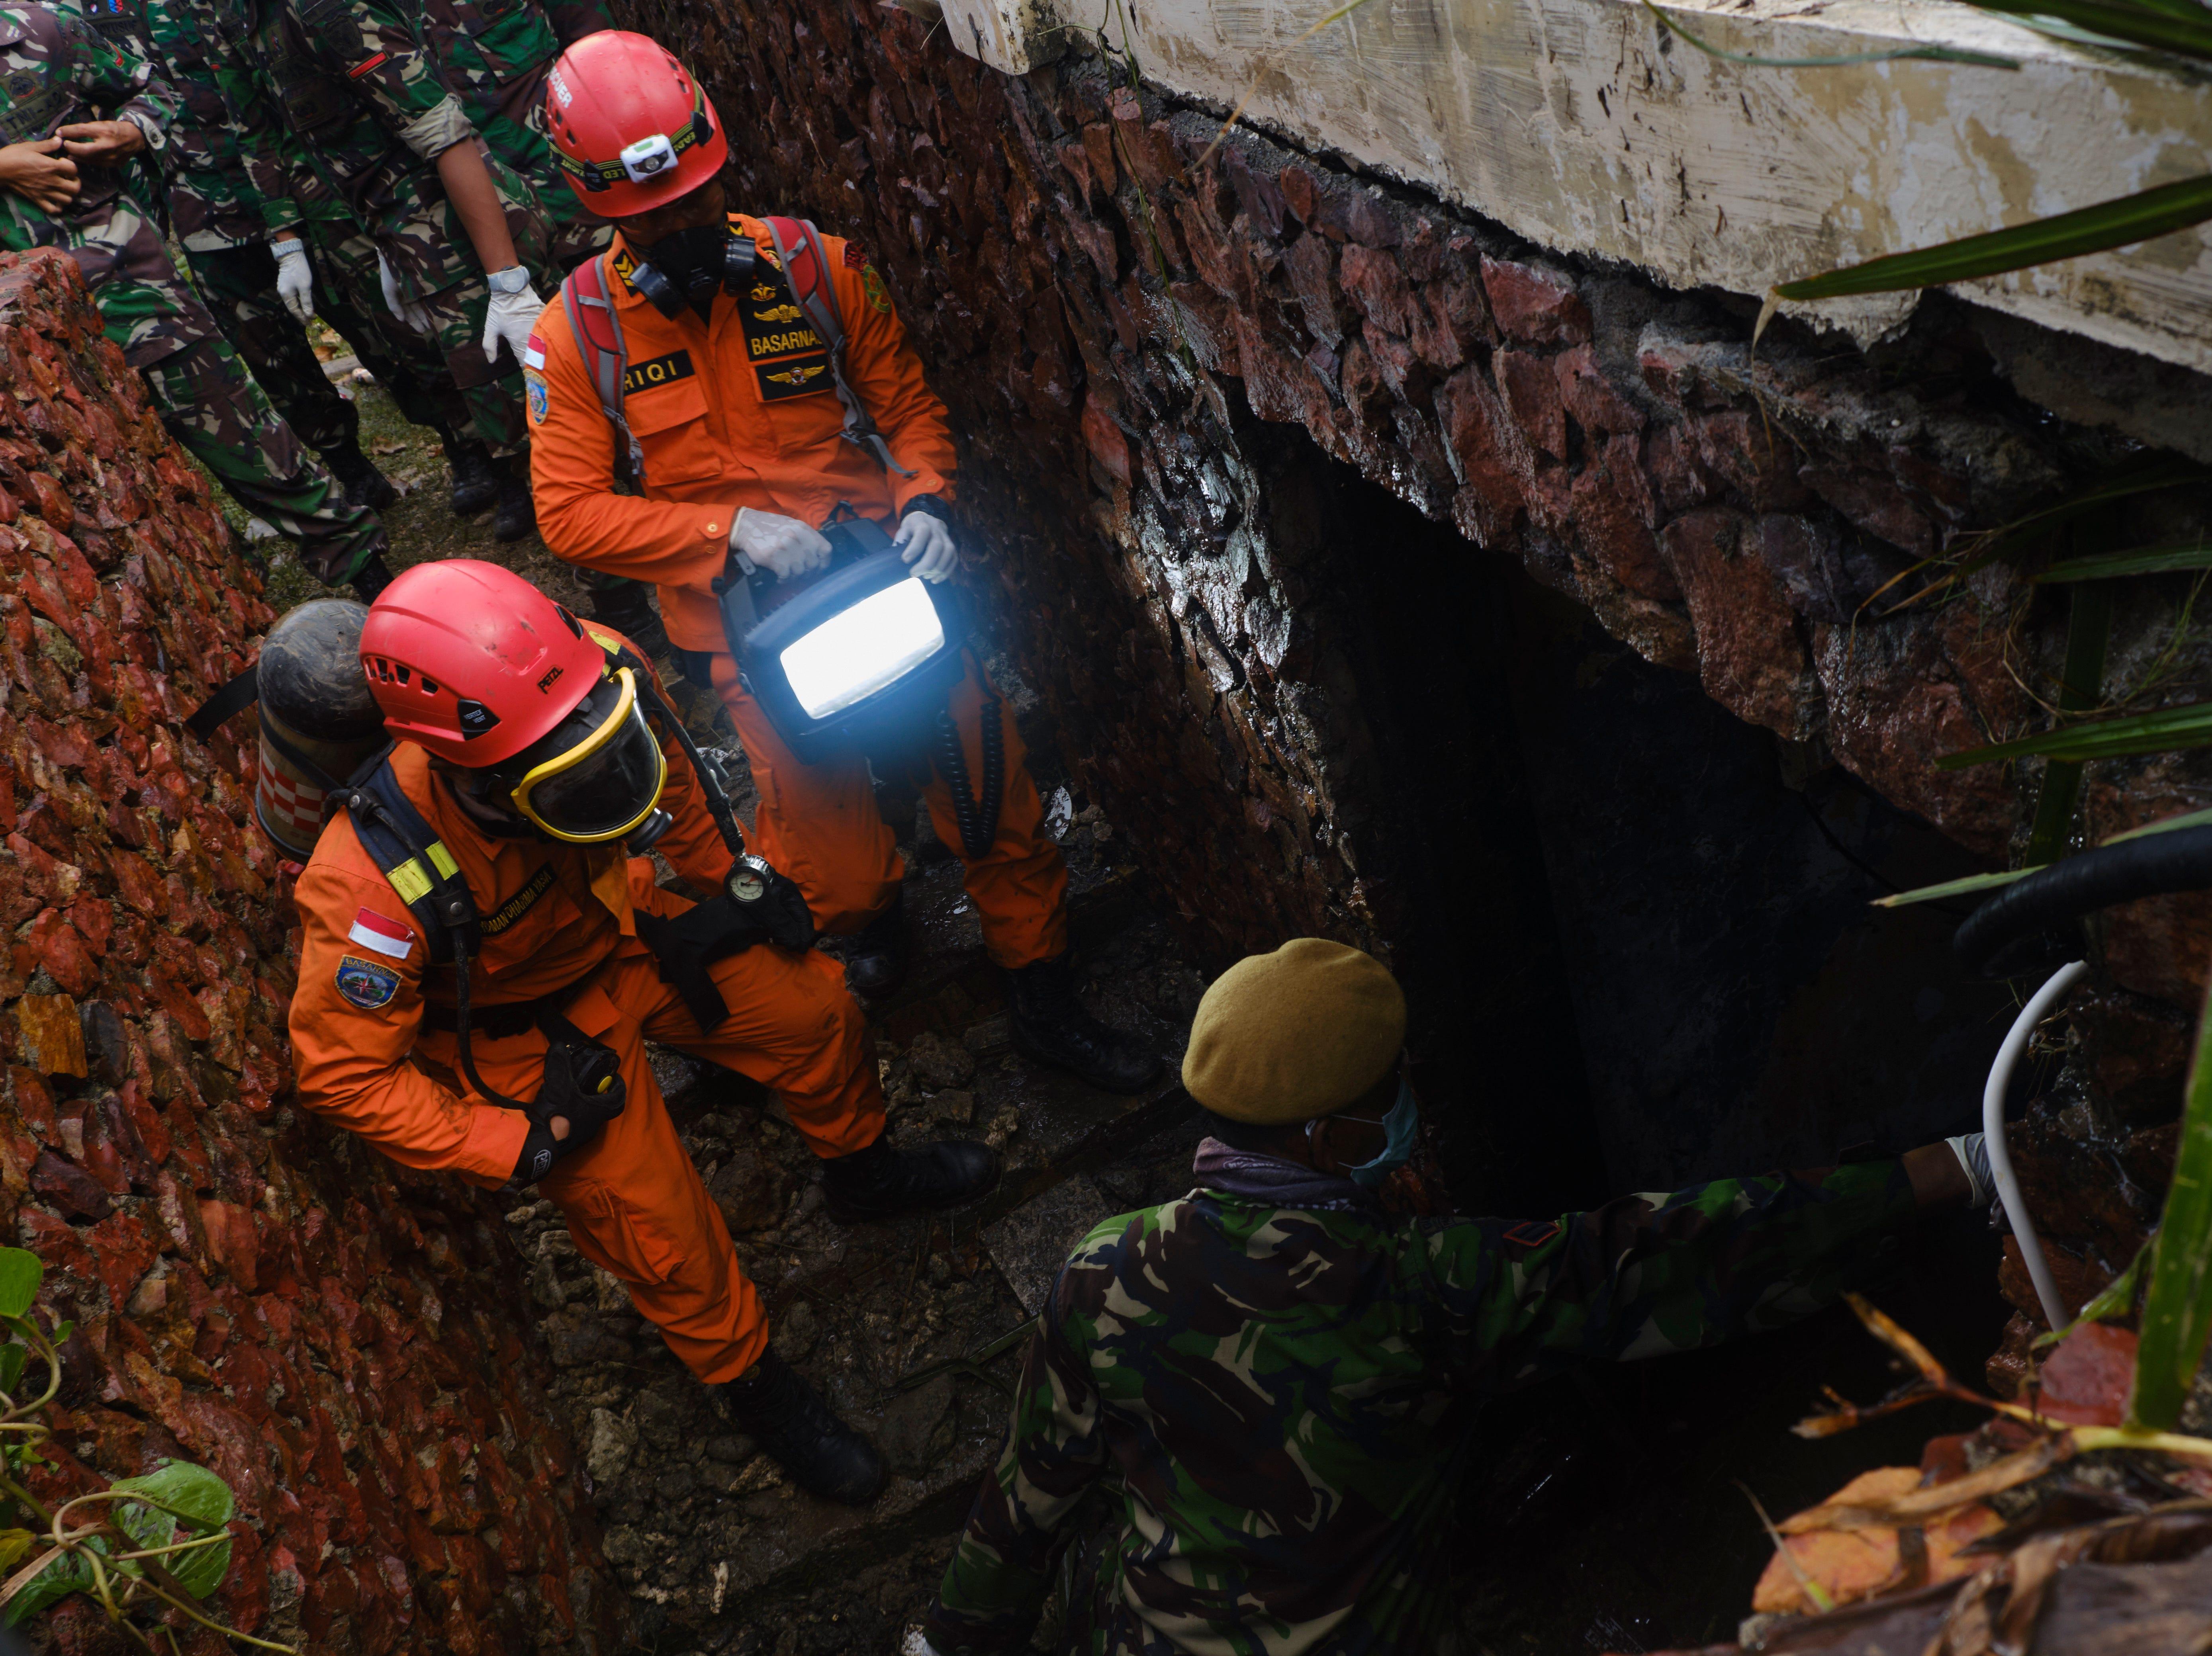 Los trabajadores de rescate se preparan para buscar en un espacio subterráneo víctimas del tsunami en un hotel resort el 24 de diciembre de 2018 en Tanjung Lesung, Indonesia.